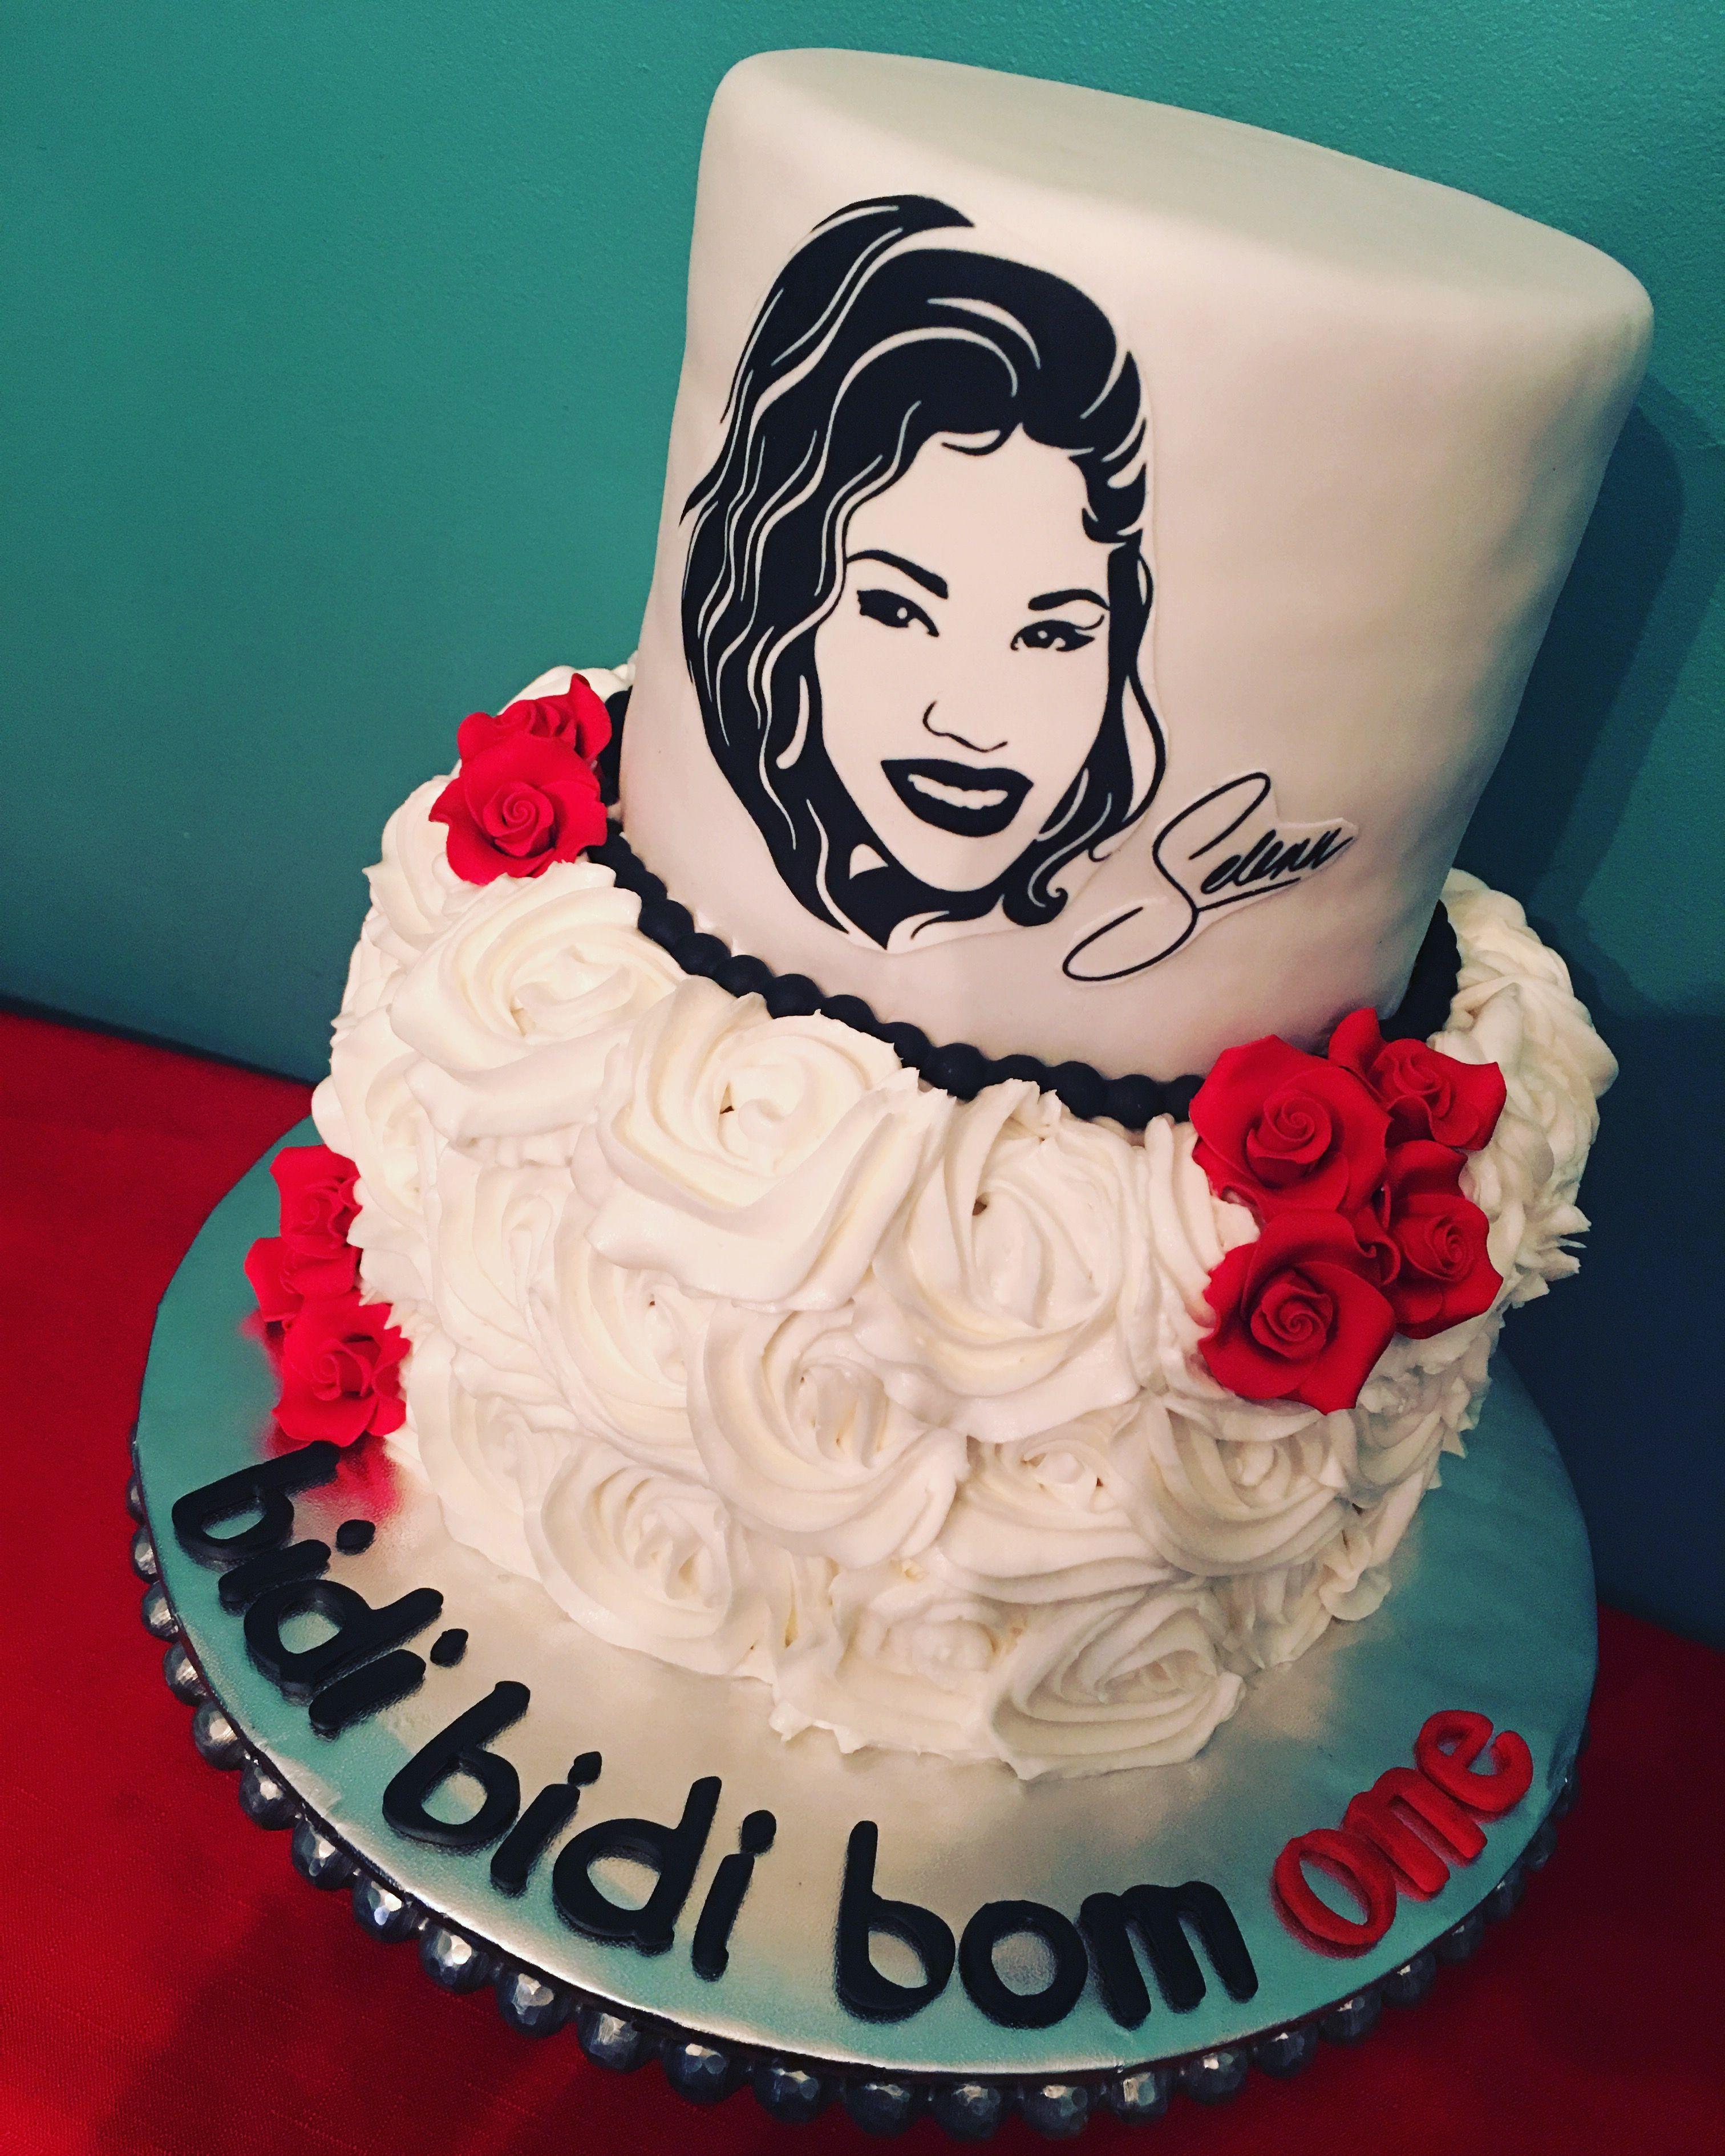 Selena Cake Birthday cake with photo, Selena quintanilla